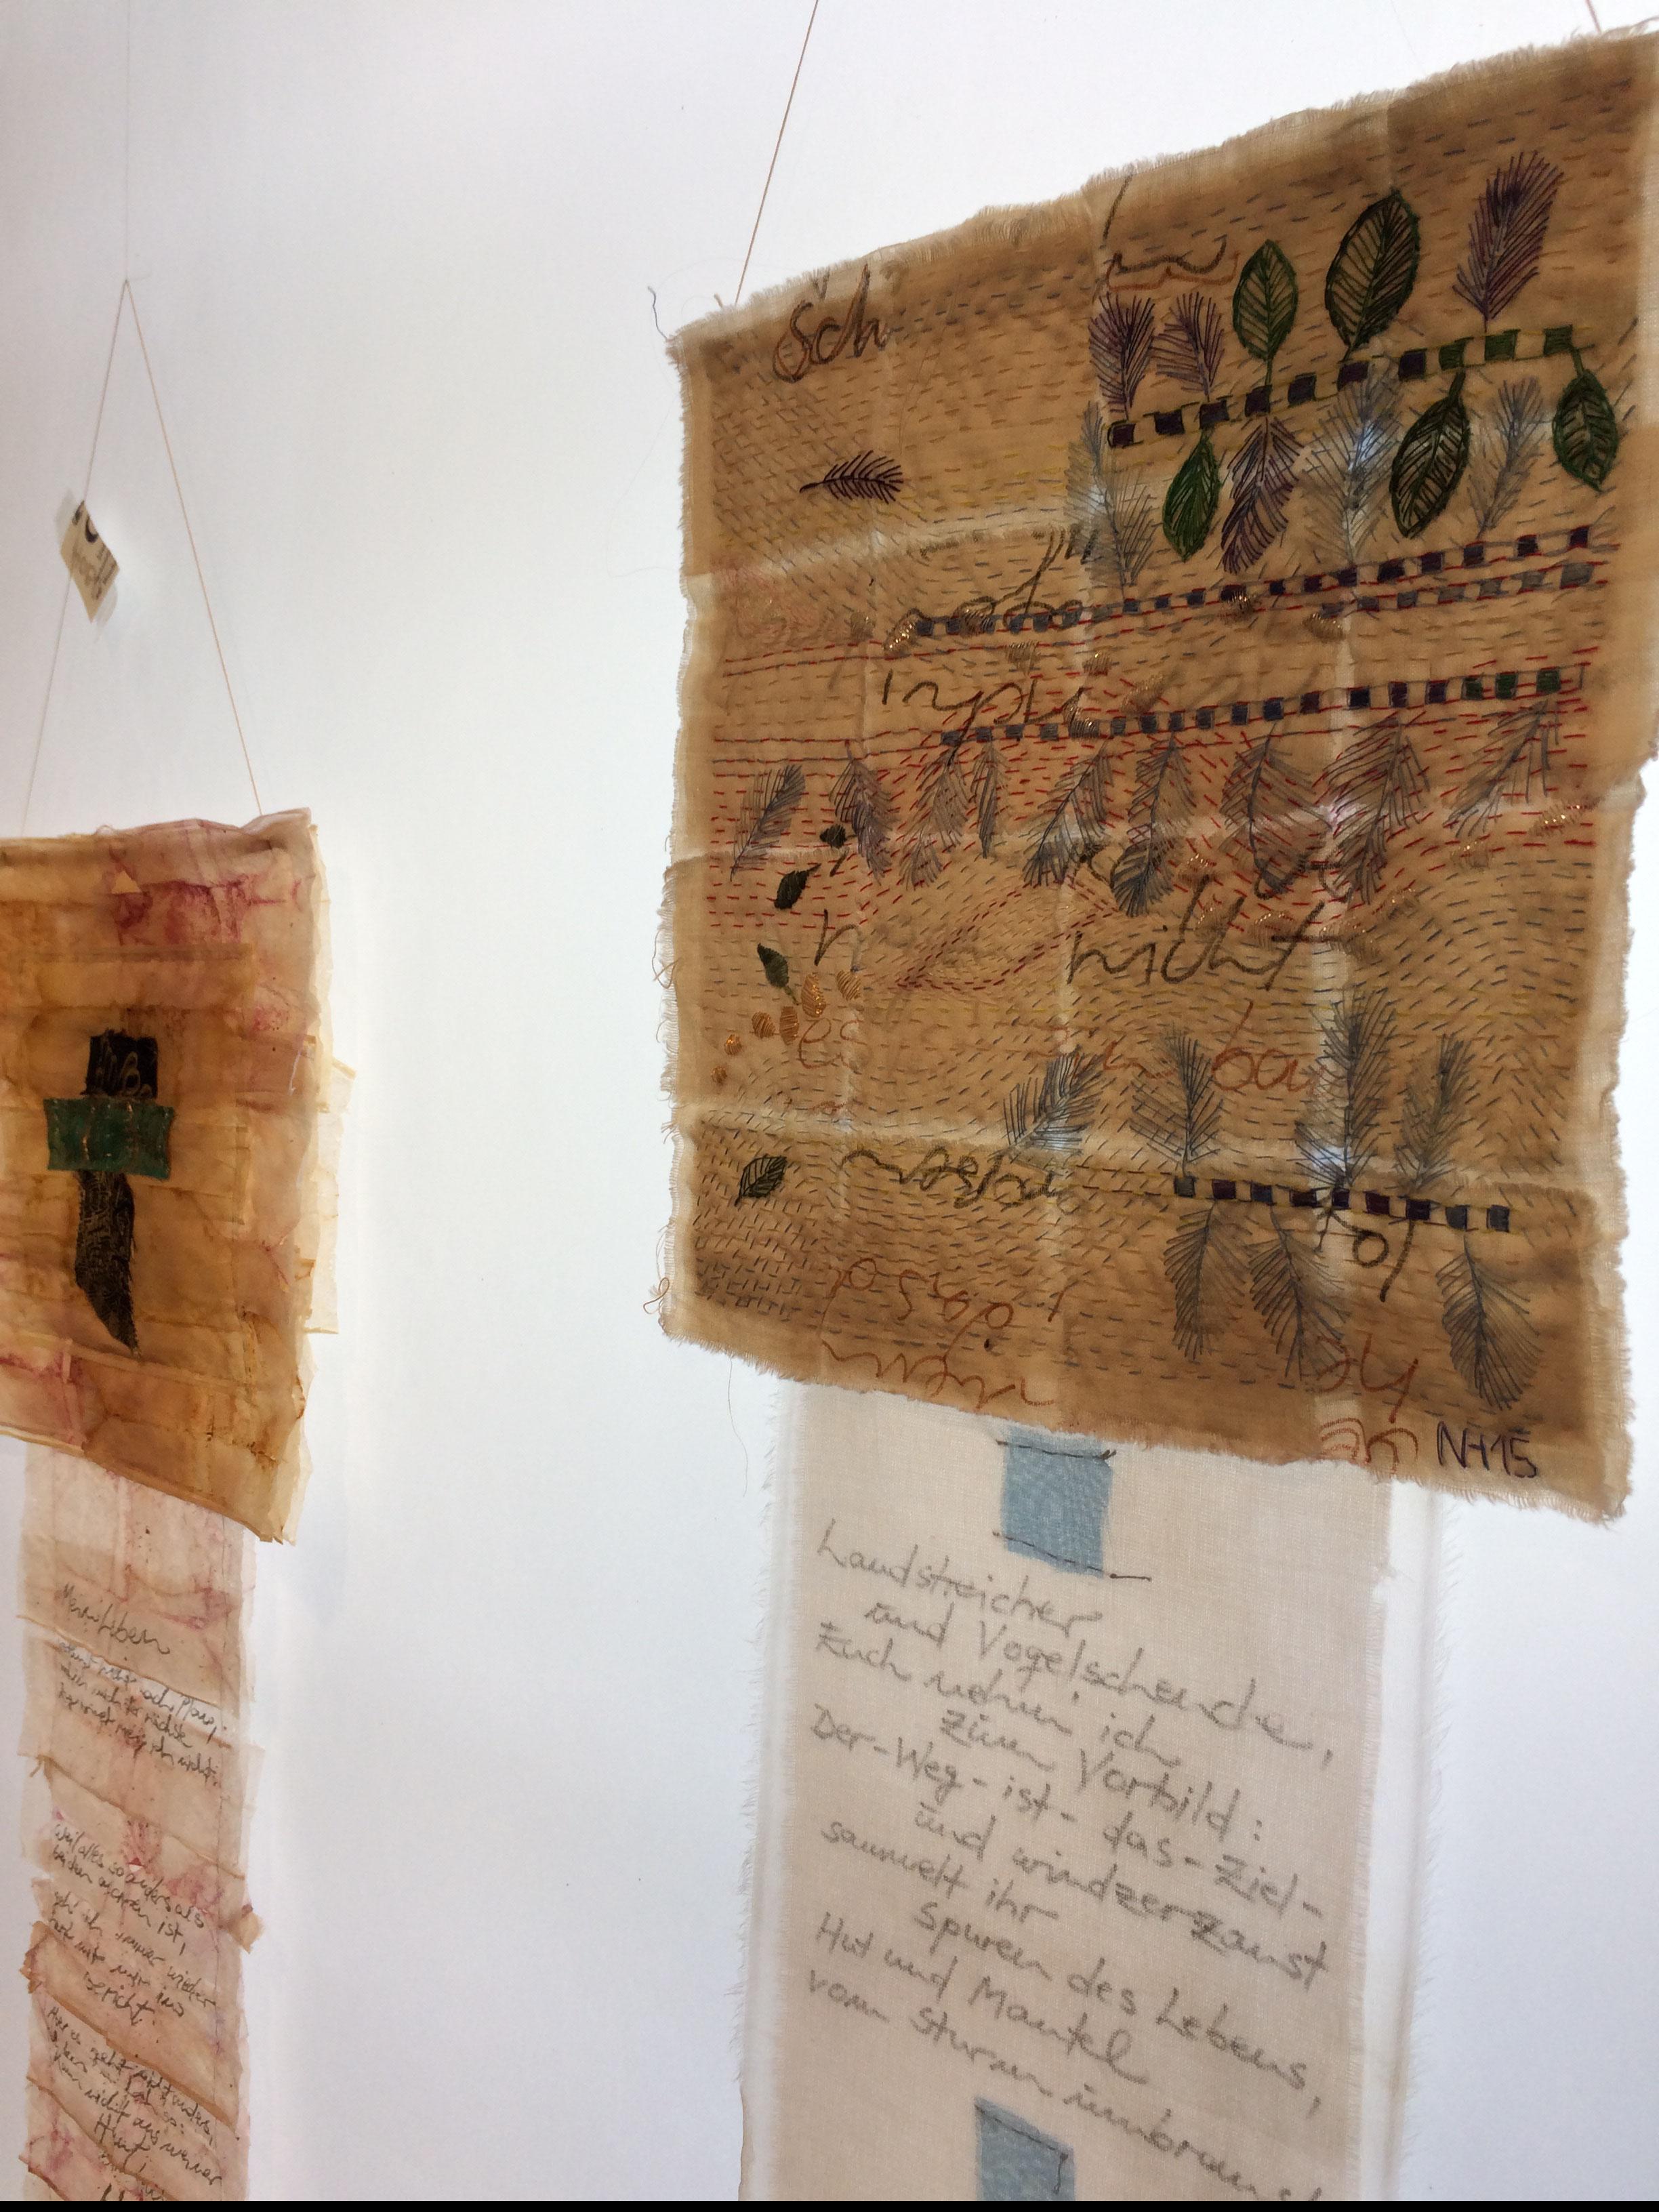 """Zwei handbestickte Fahnen von Nadja Hormisch, links """"My new HOBO-Skin"""", rechts """"My new BORO-Skin"""". Beide Fahnen aus pflanzengefärbtem Abaca-Papier, Seide und Baumwolle."""